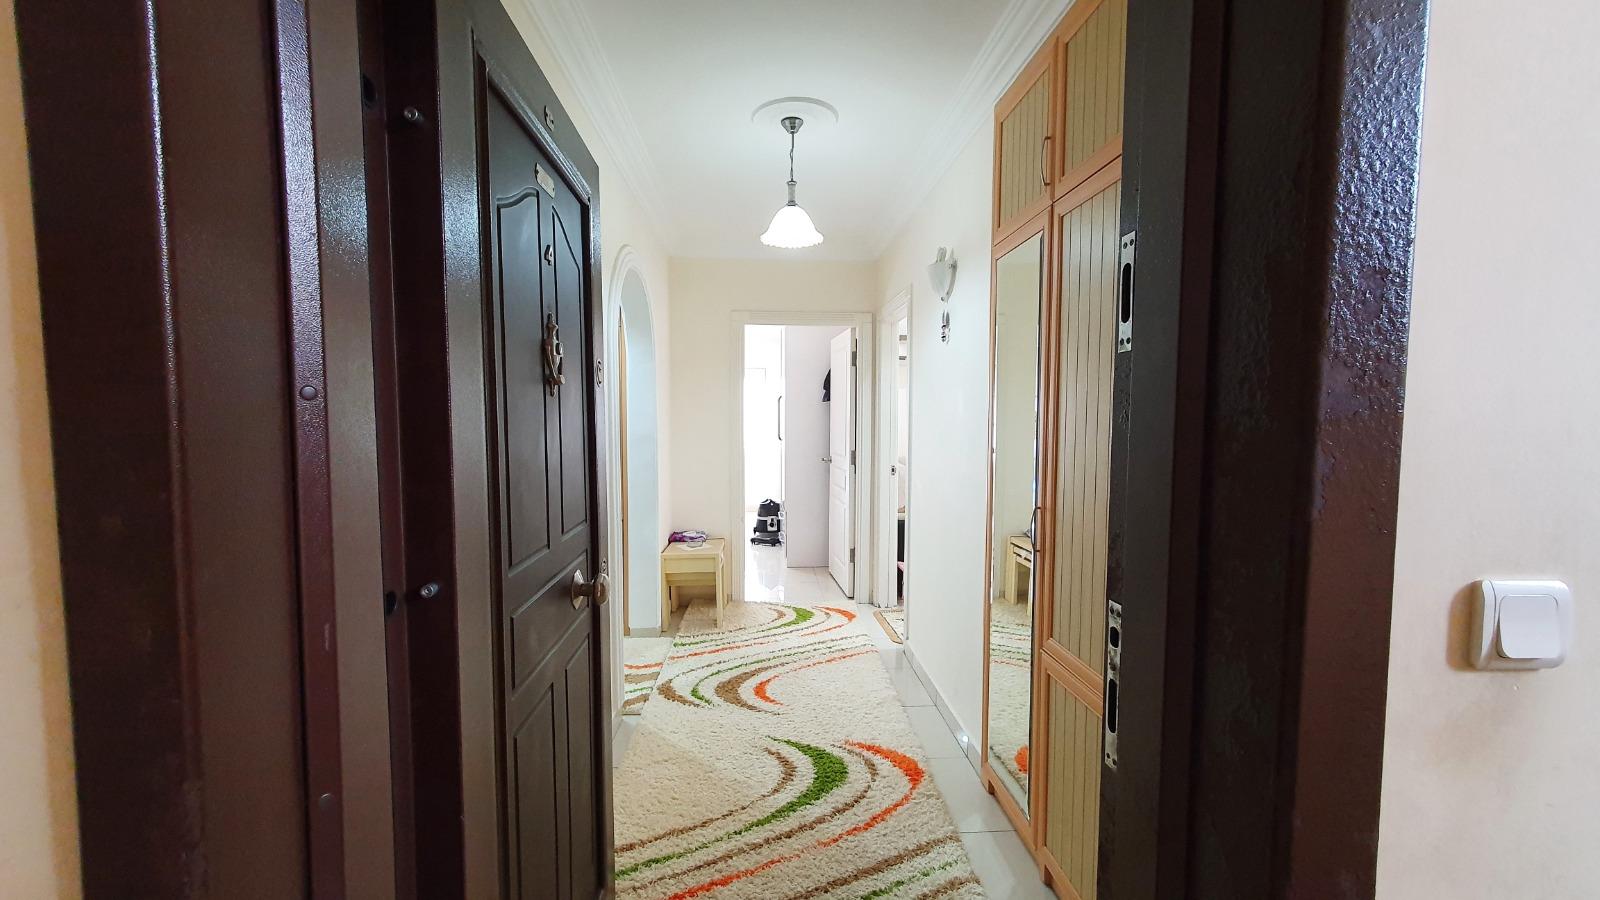 Квартира 2+1 в районе Махмутлар - Фото 3